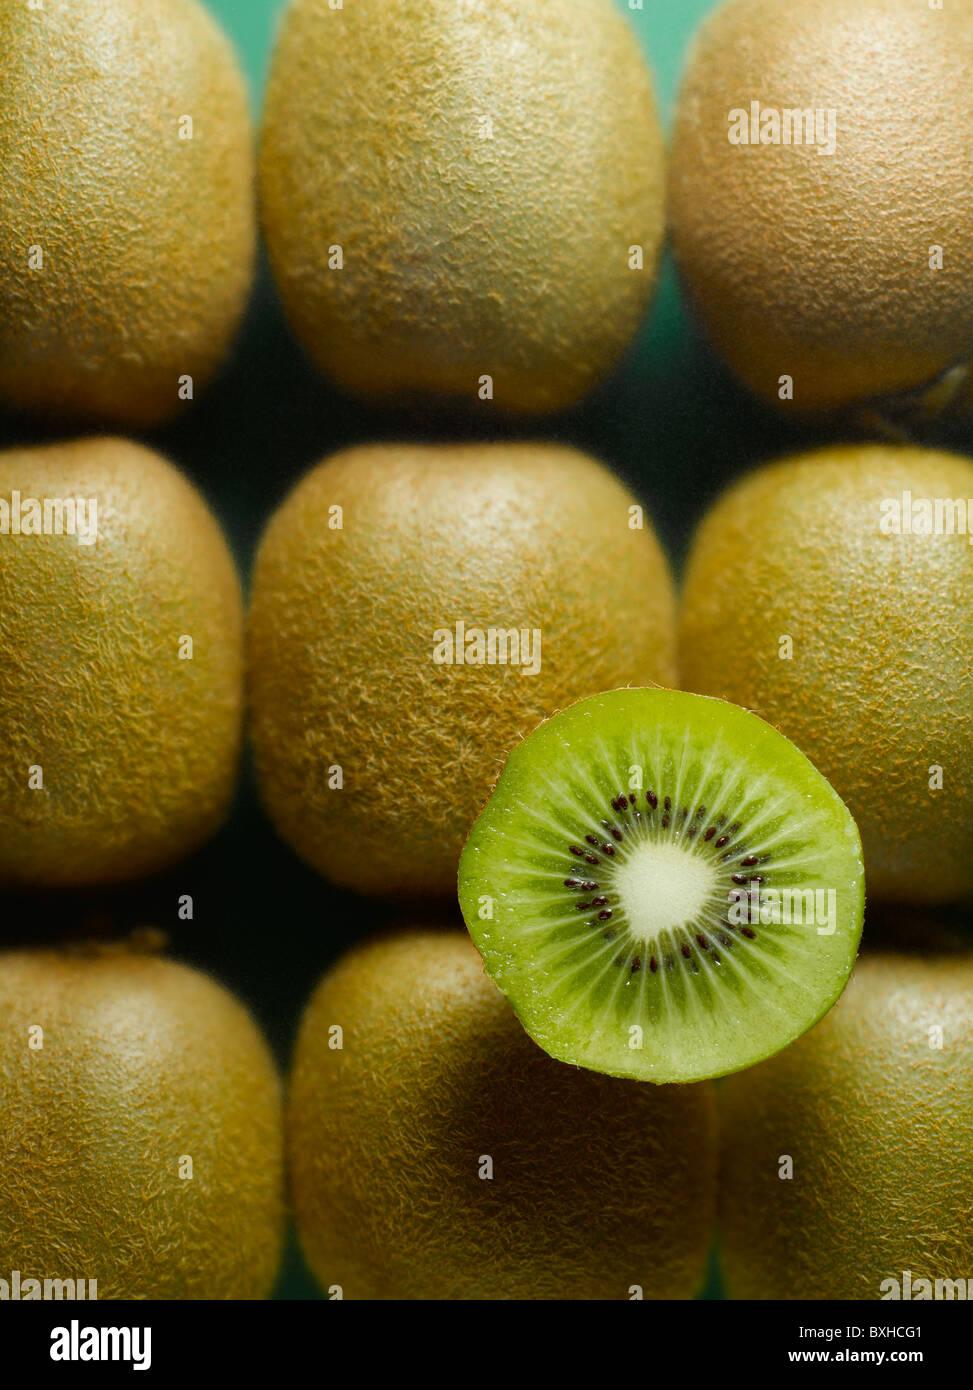 whole kiwi fruit with sliced half kiwi on green background - Stock Image